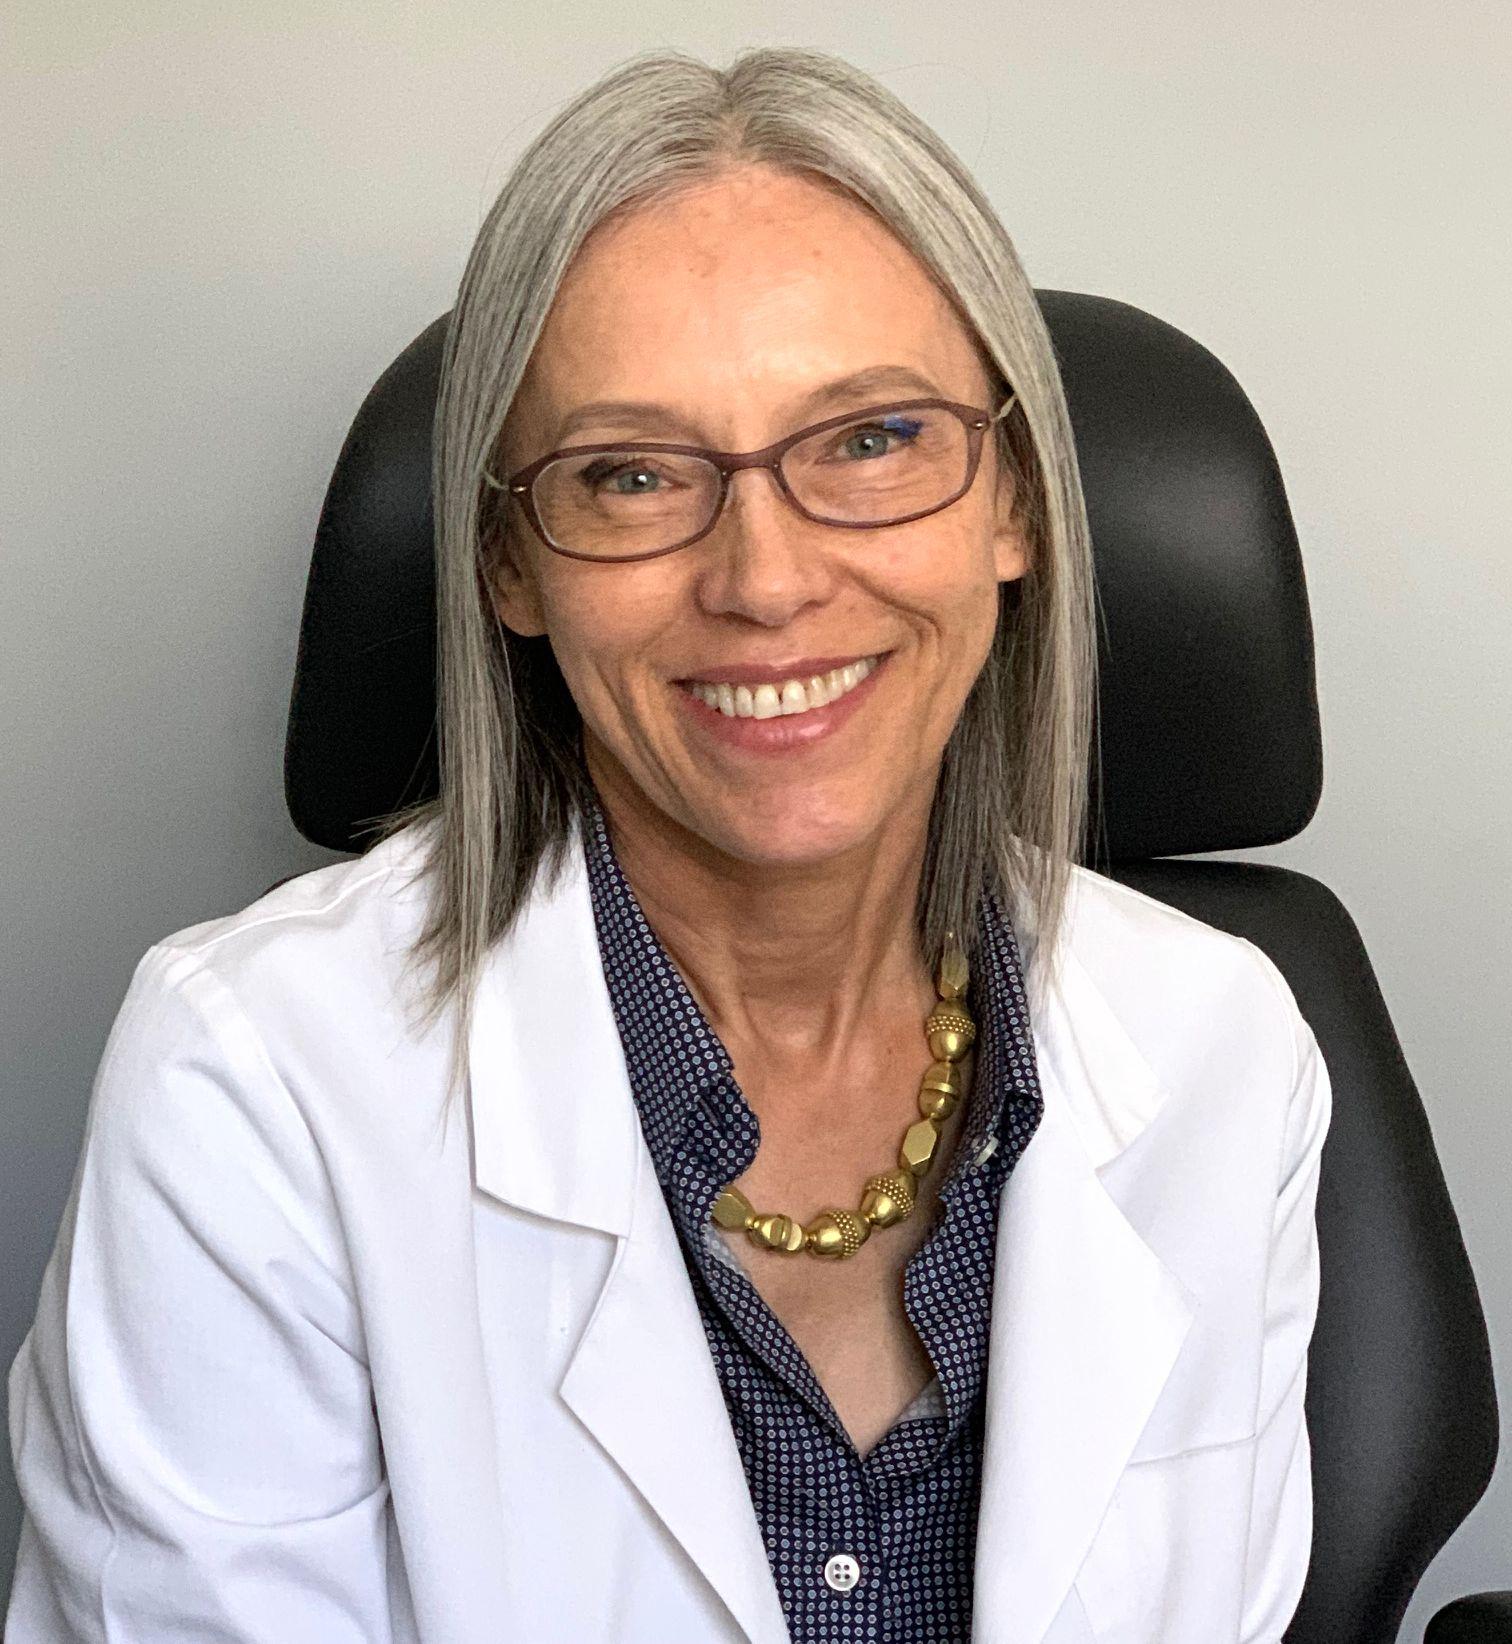 Dr. Baskot